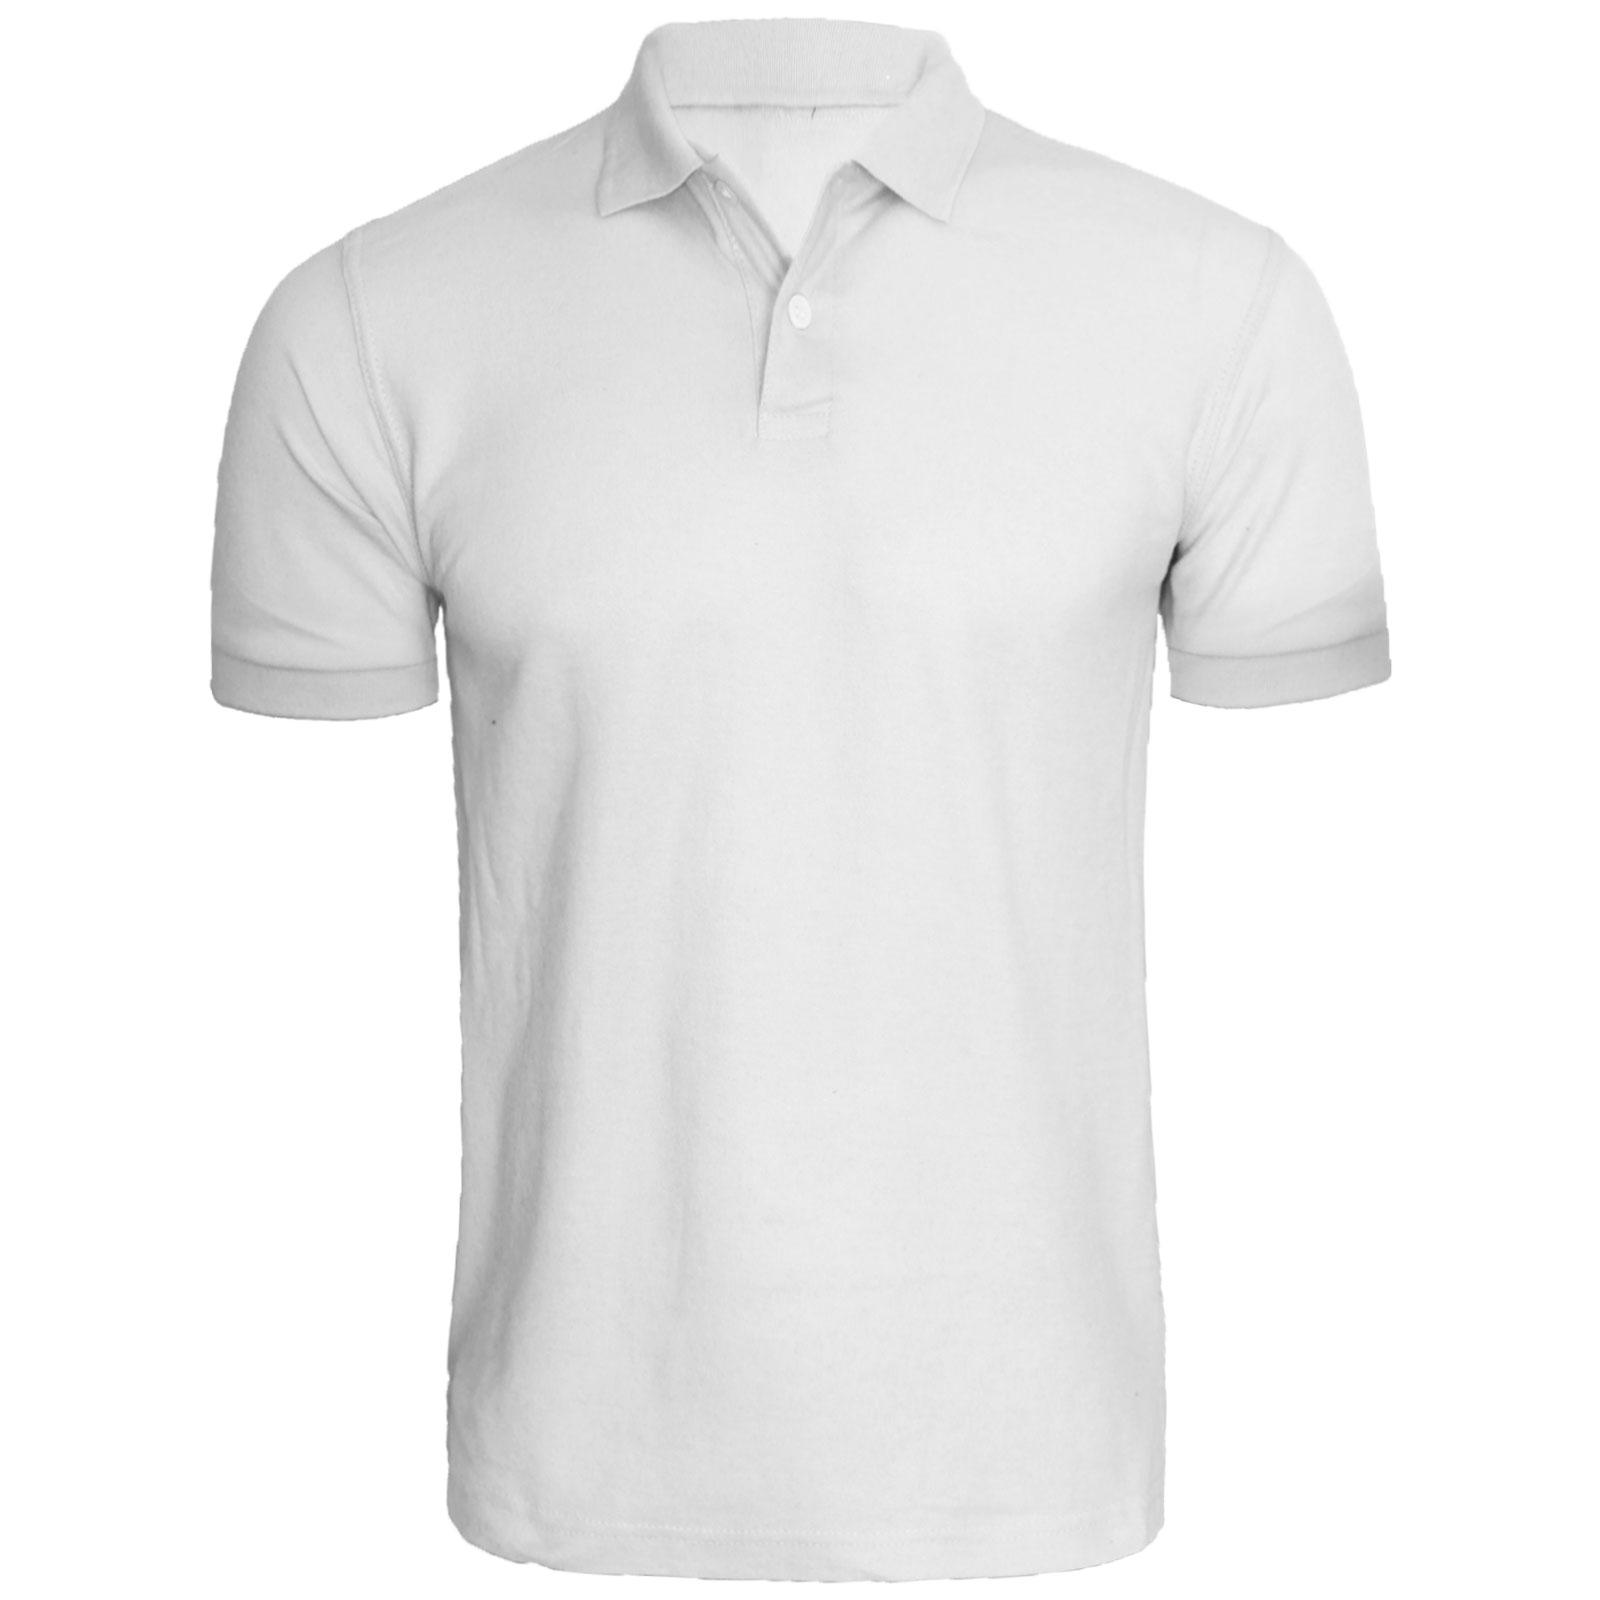 Poloshirt for Best polo shirt for men